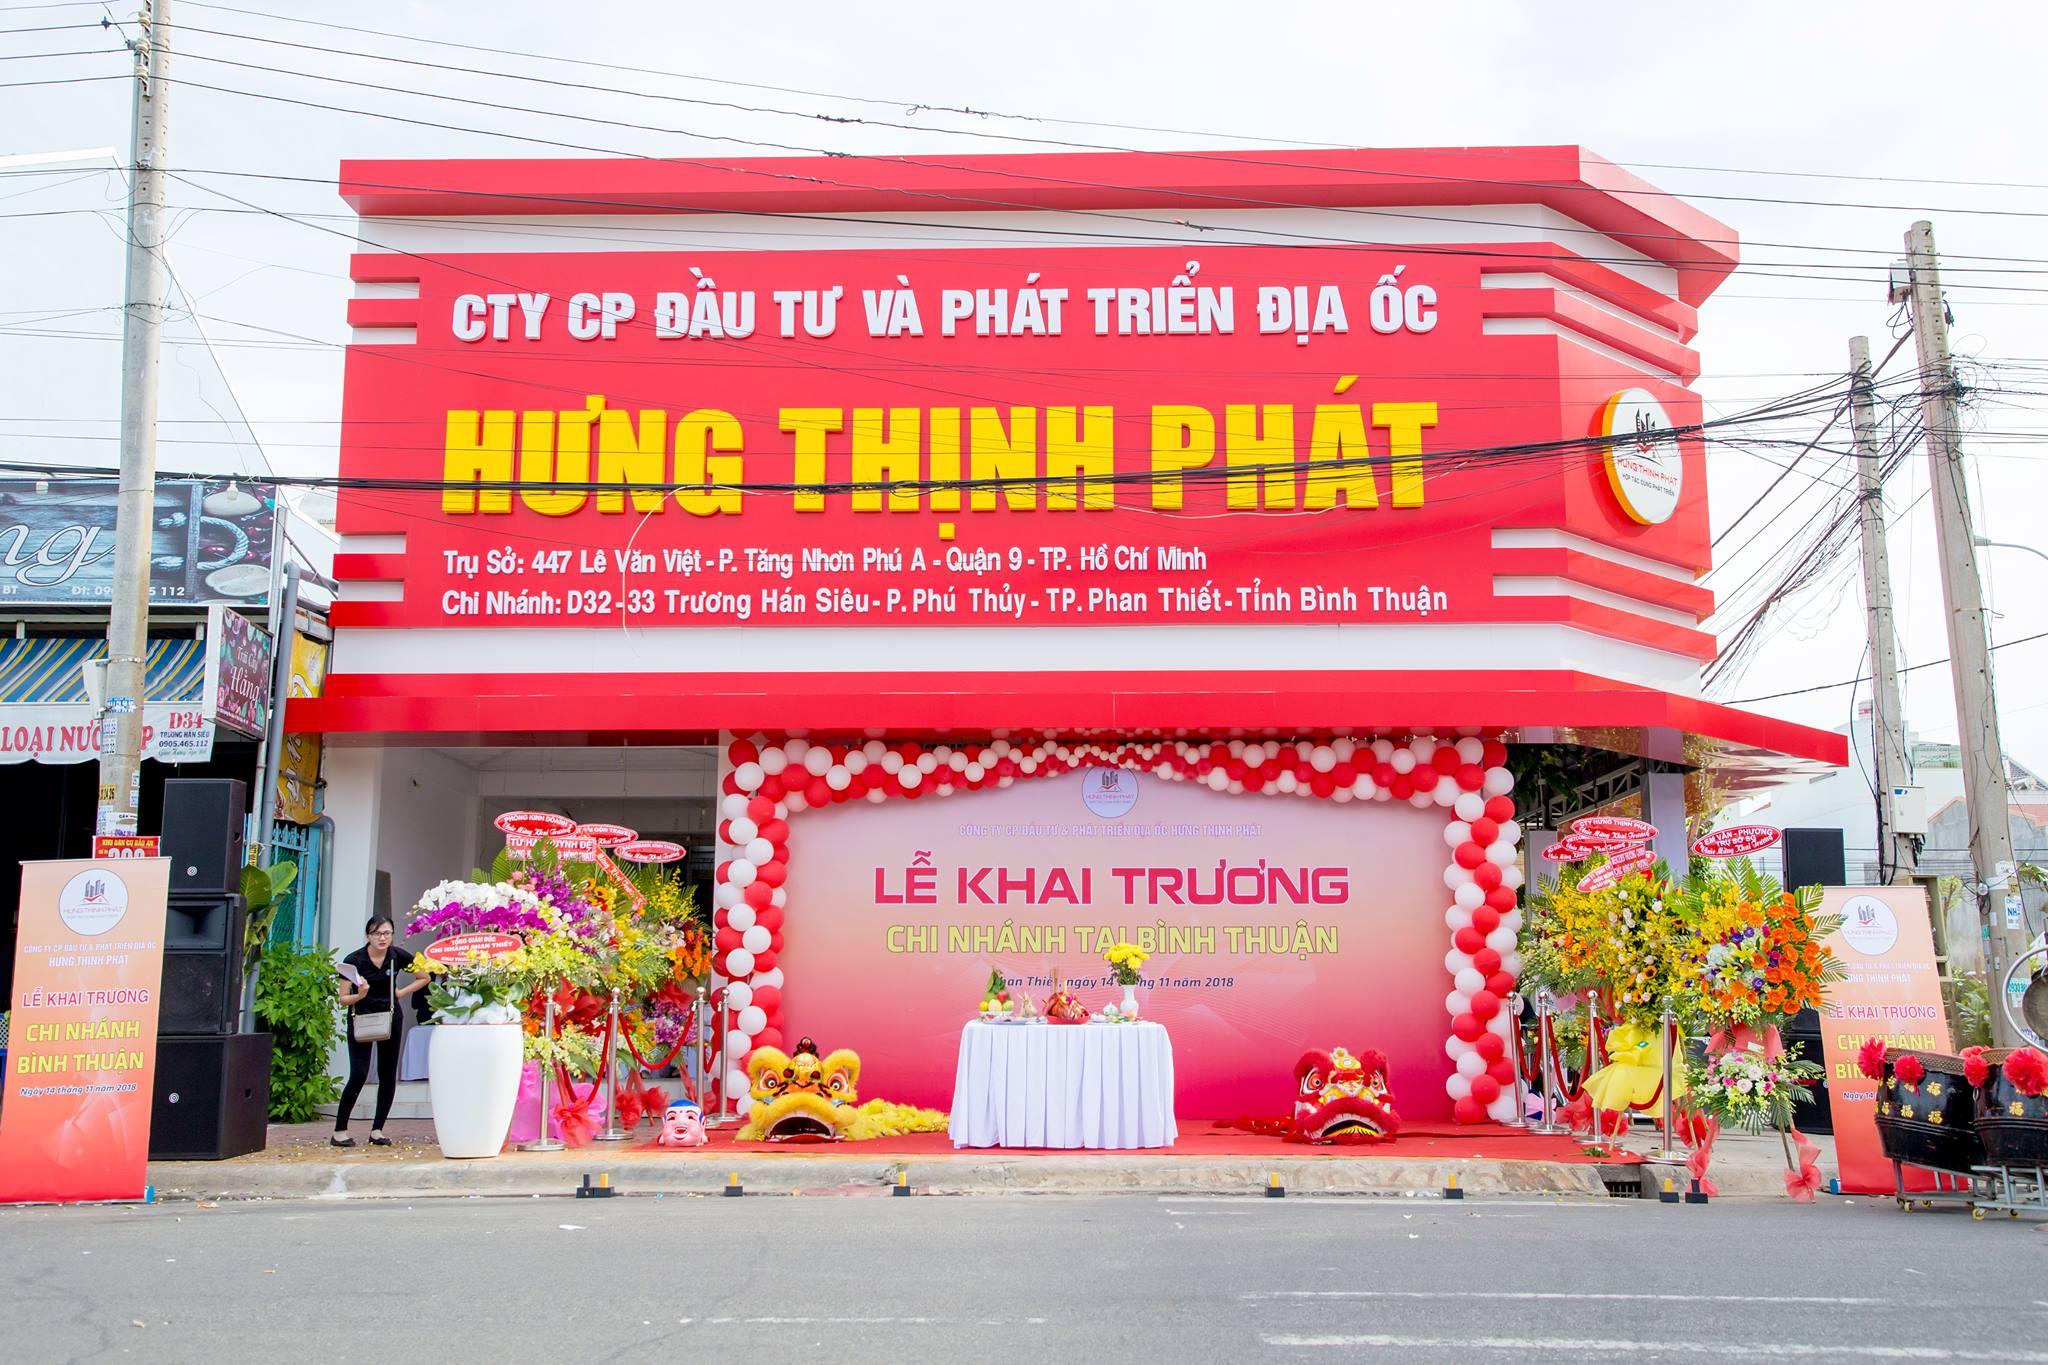 Hưng Thịnh Phát lừa đảo bán gần 200 lô đất